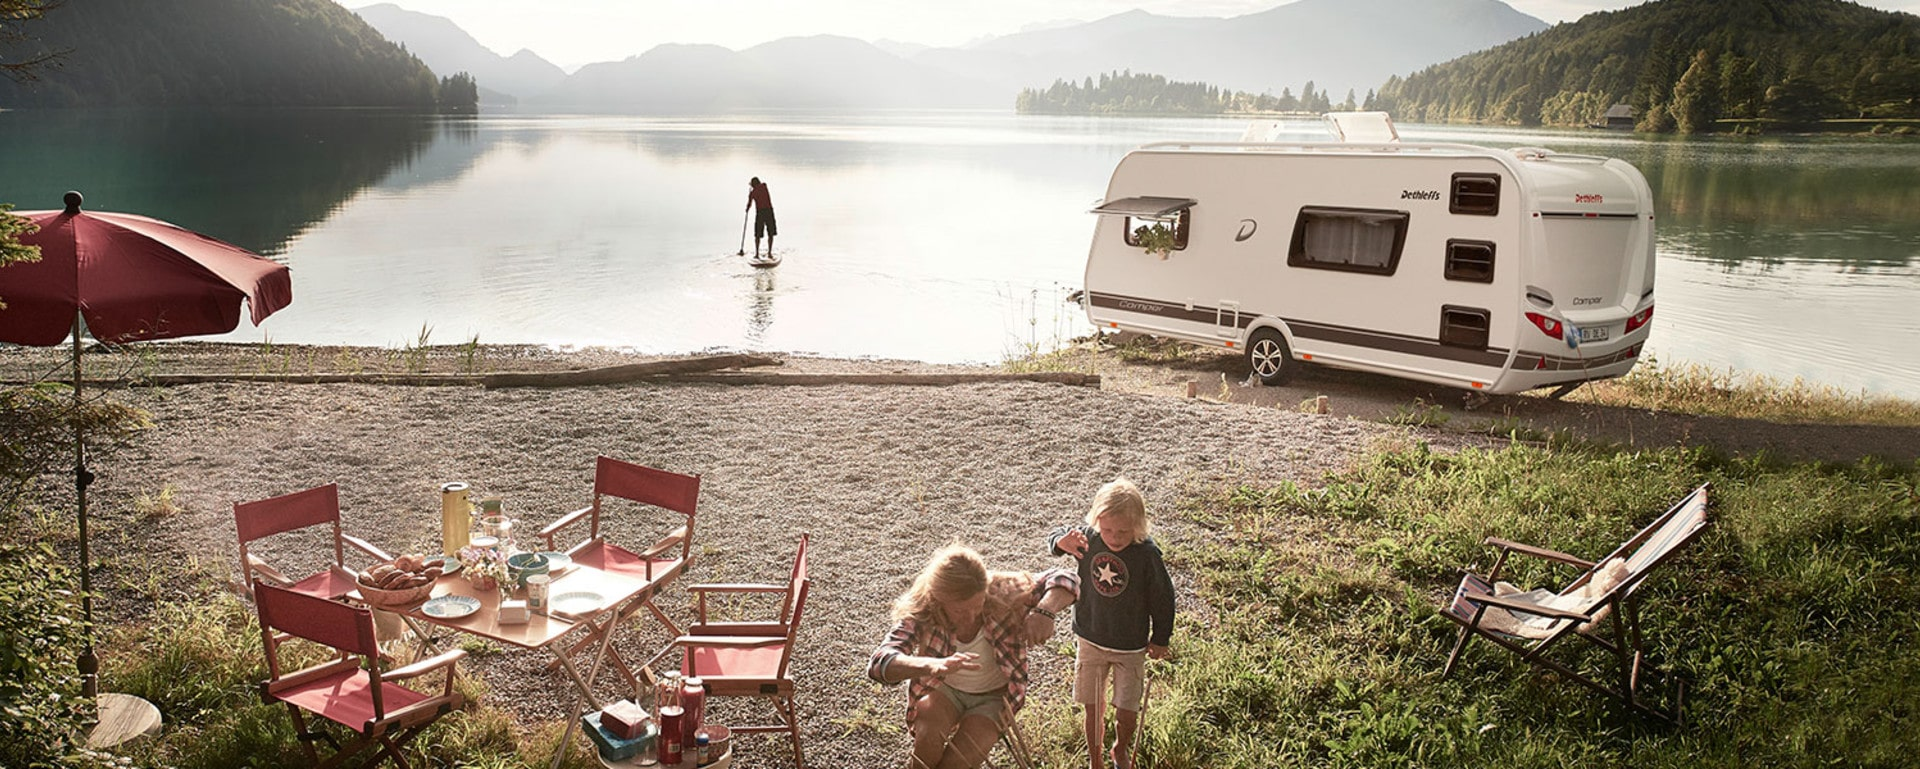 Dethleffs caravan camper banner